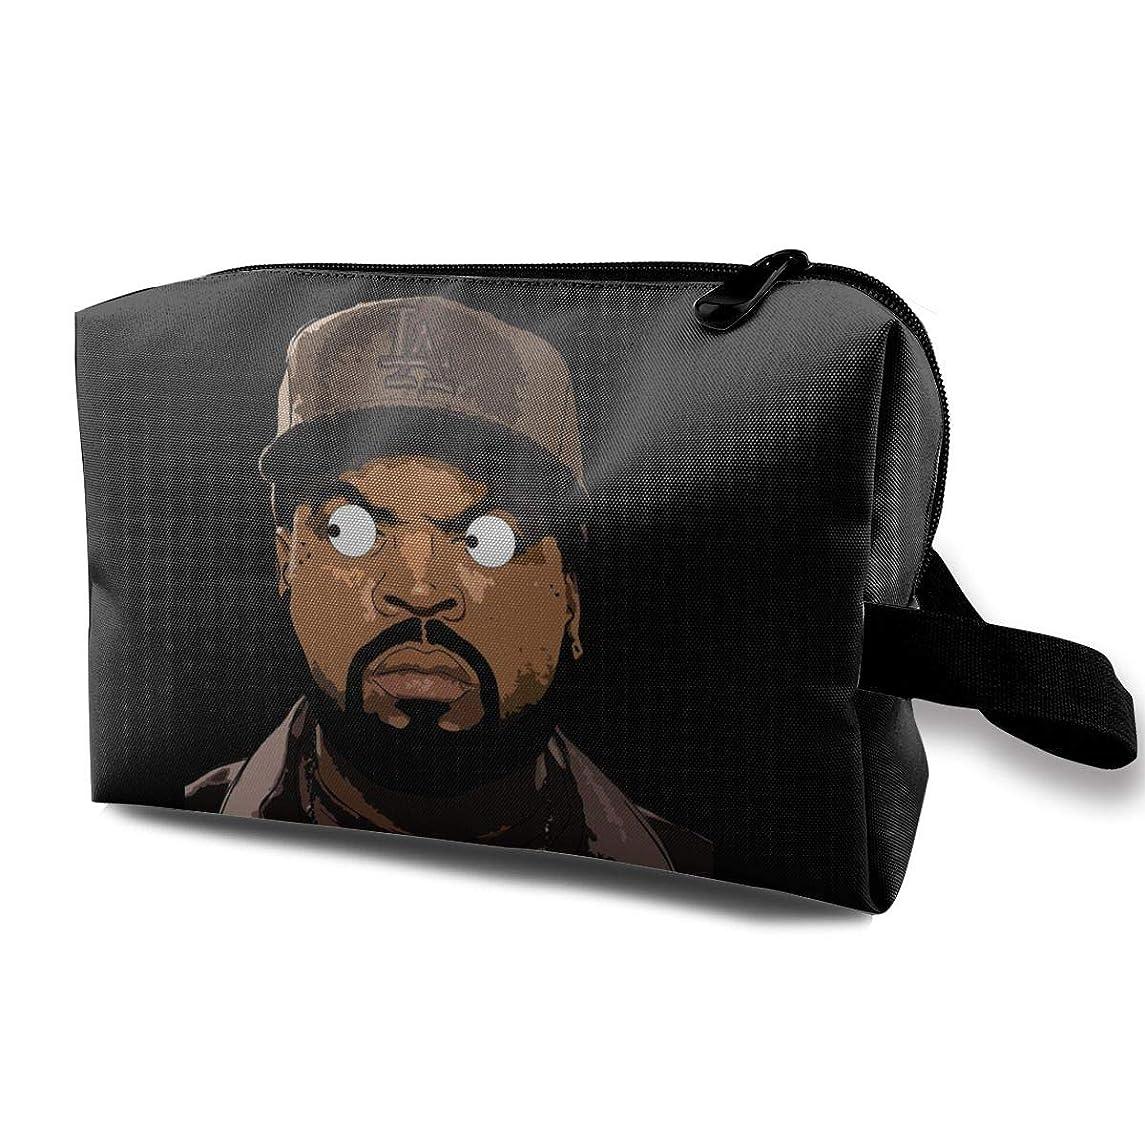 想像する野球管理者アイス?キューブ Ice Cube コスメバッグ 収納箱 洗面用具バッグ 化粧品収納 化粧道具入れ ジッパー付き 大容量 多機能 持ち運び便利 自宅 出張 男女兼用